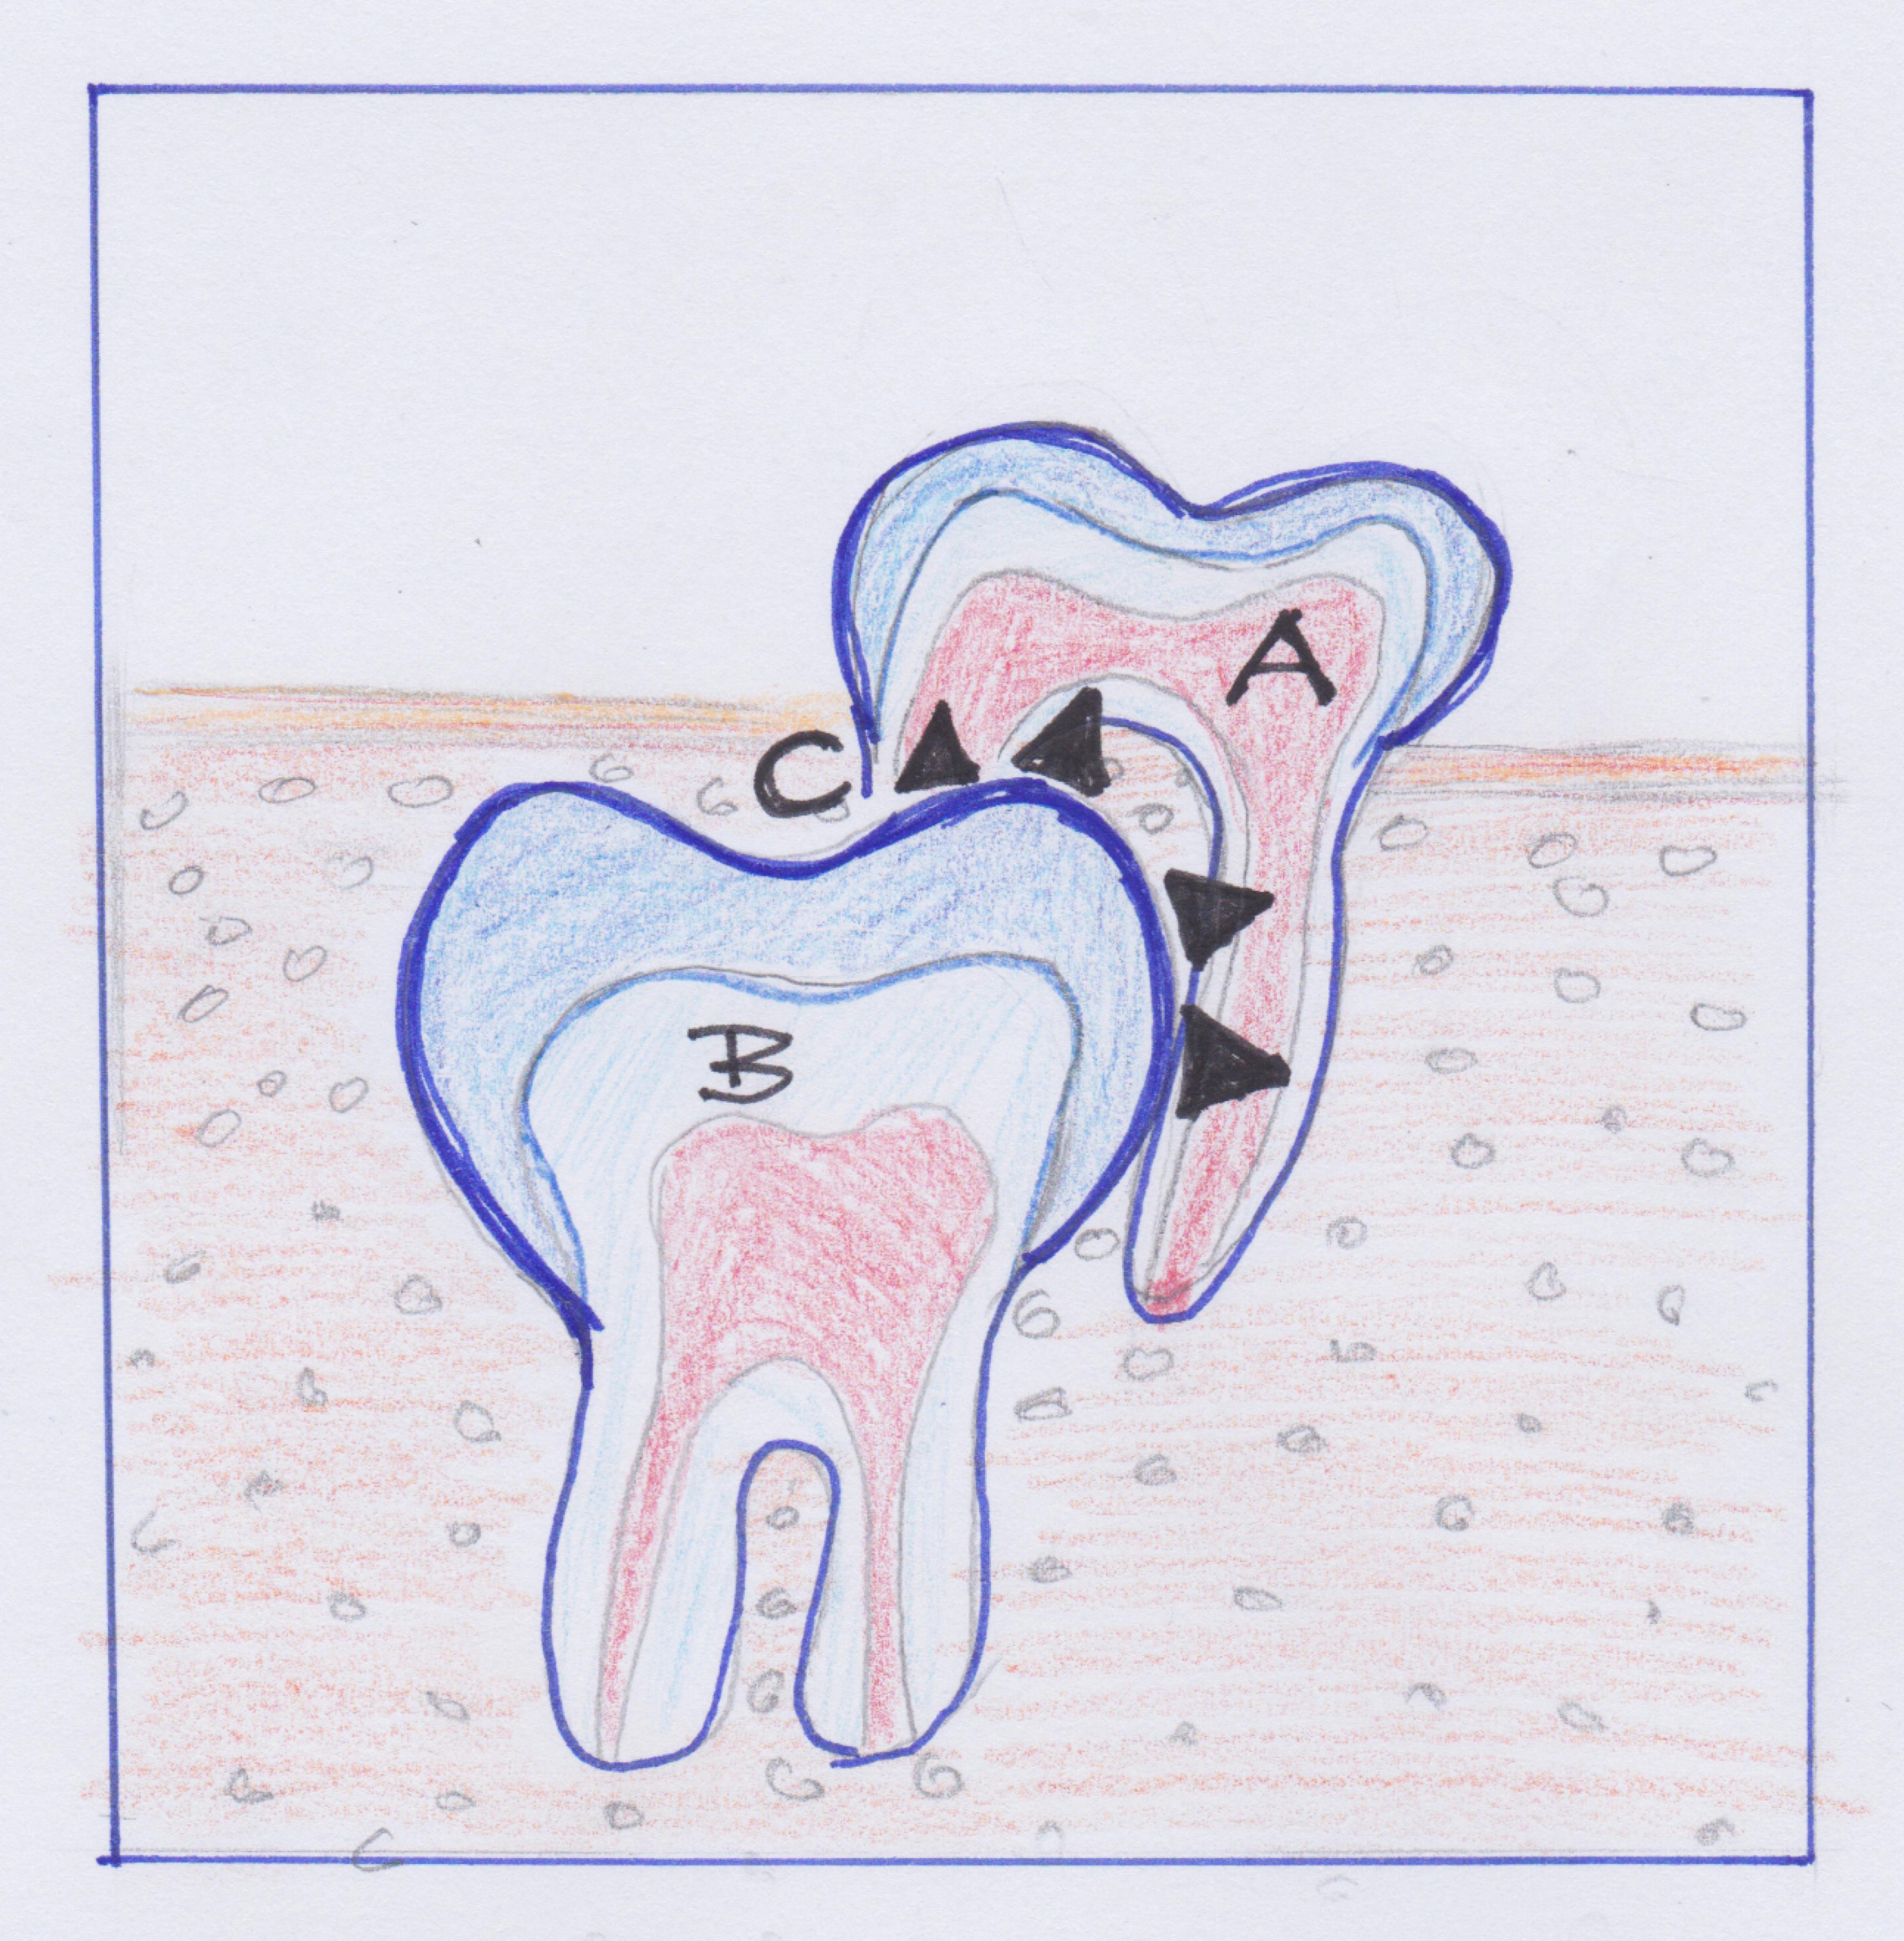 ganzheitliche Zahnheilkunde Dr. Heike Kretschmar - resorbierte Milchzahnwurzel